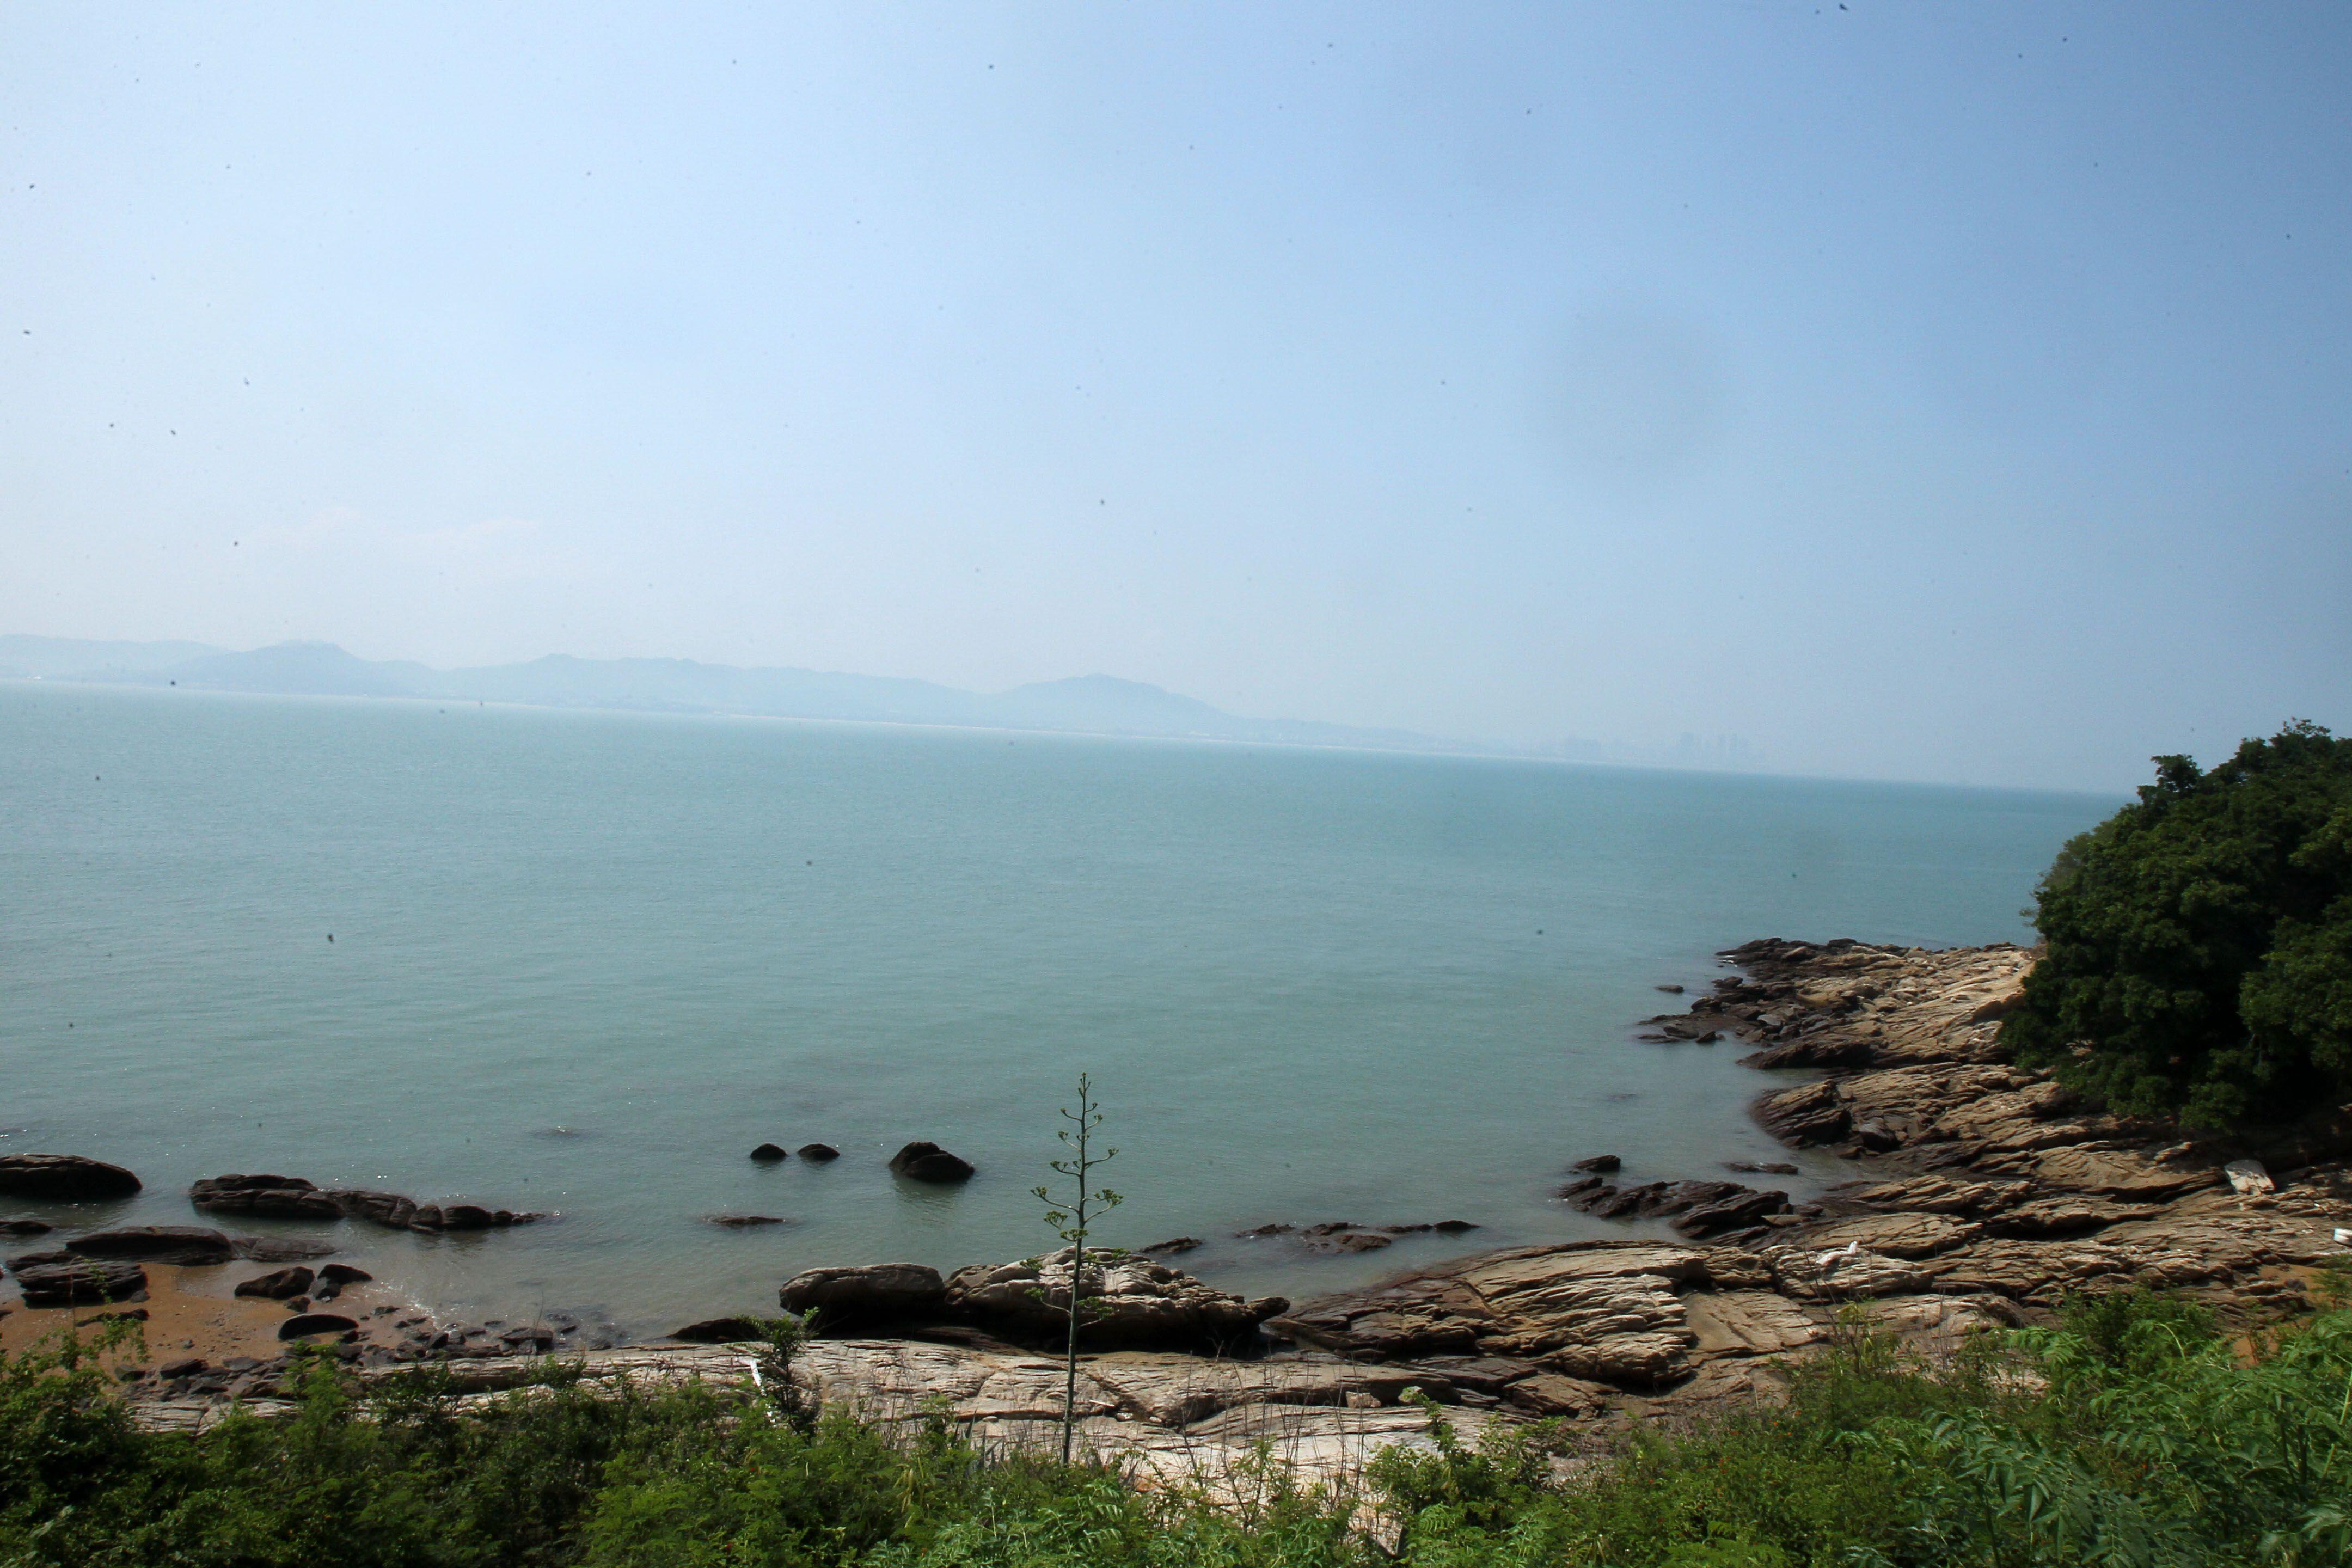 大膽島可清楚看見對岸廈門。(記者邱榮吉/大膽島拍攝)